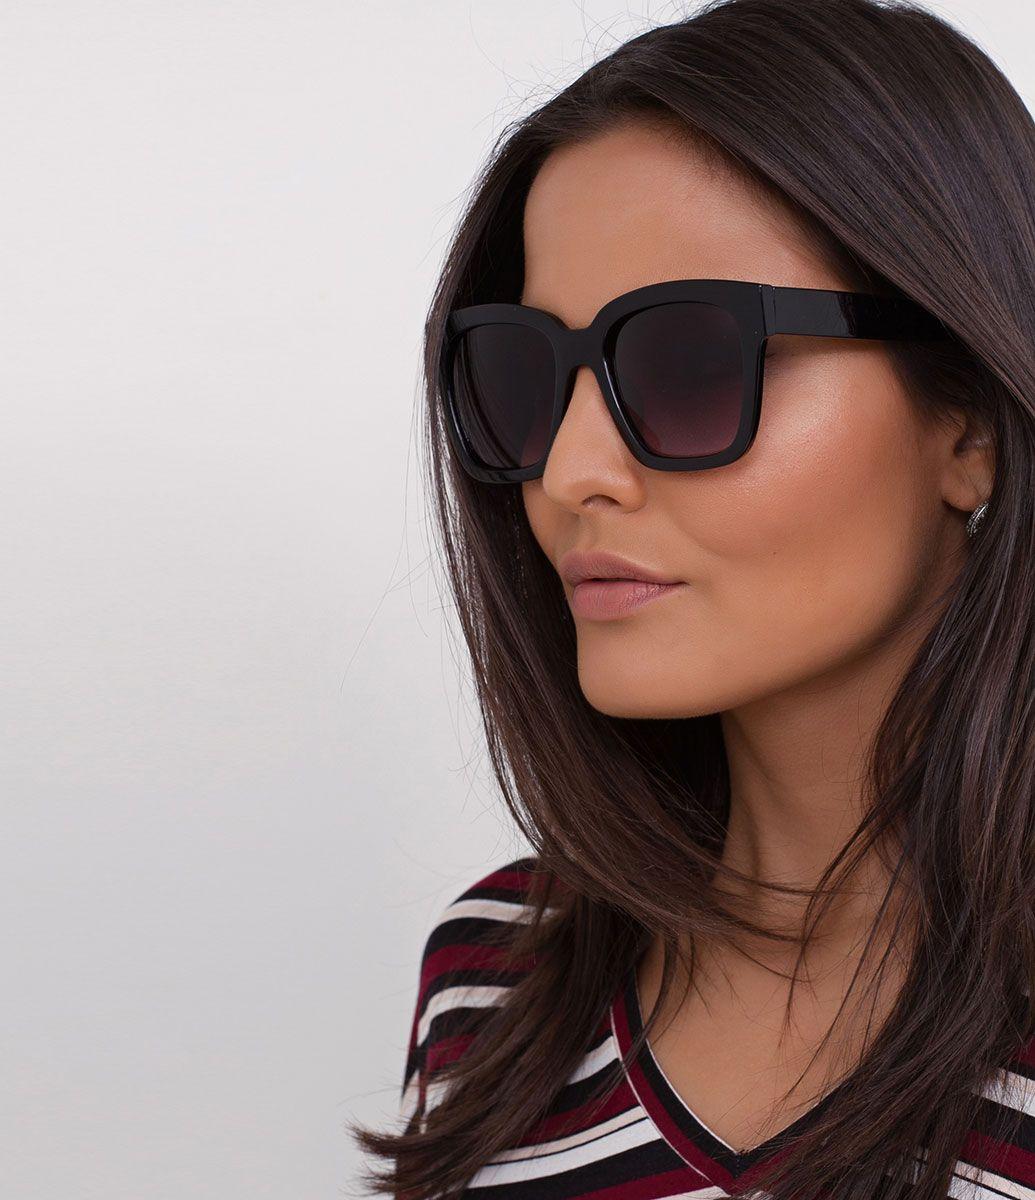 32566676d Óculos de sol Modelo quadrado Hastes em acetato Lentes fumê degradê  Proteção contra raios UVA /